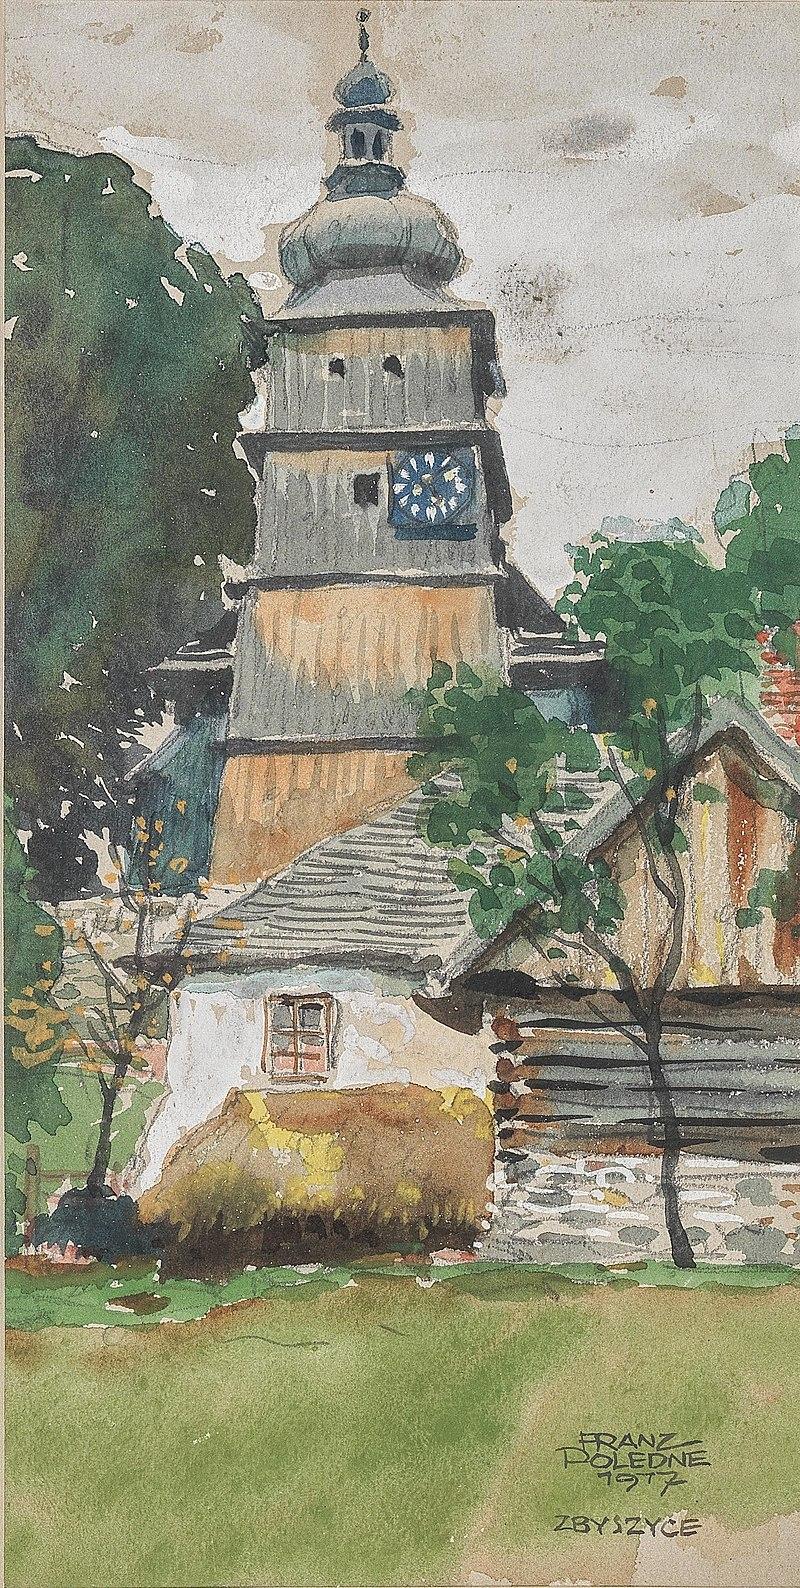 Franz Poledne Kirchturm in Zbyszyce 1917.jpg